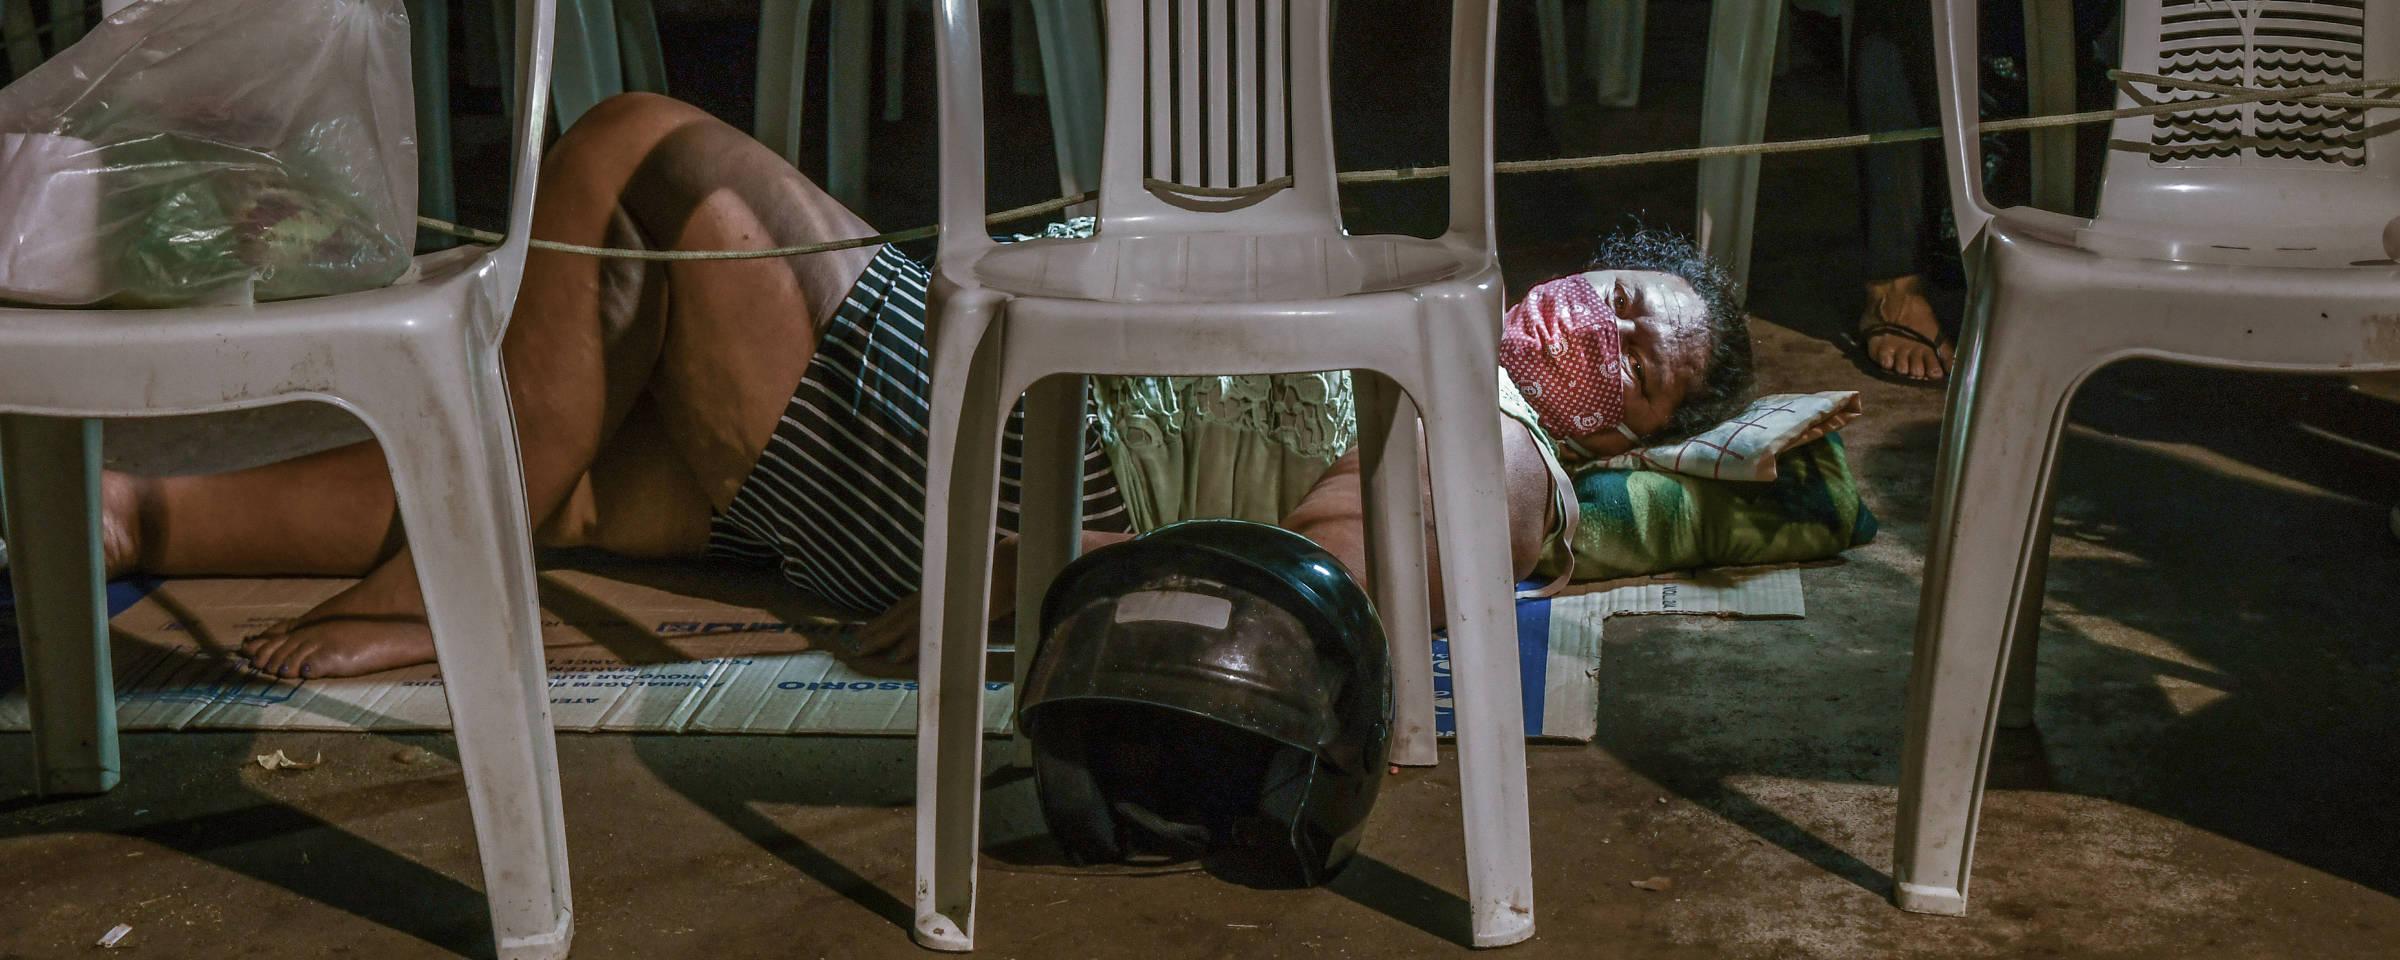 cadeiras de plástico enfileiradas com capacetes e bolsas em seus acentos. Mulher deitada no chão entre as cadeiras